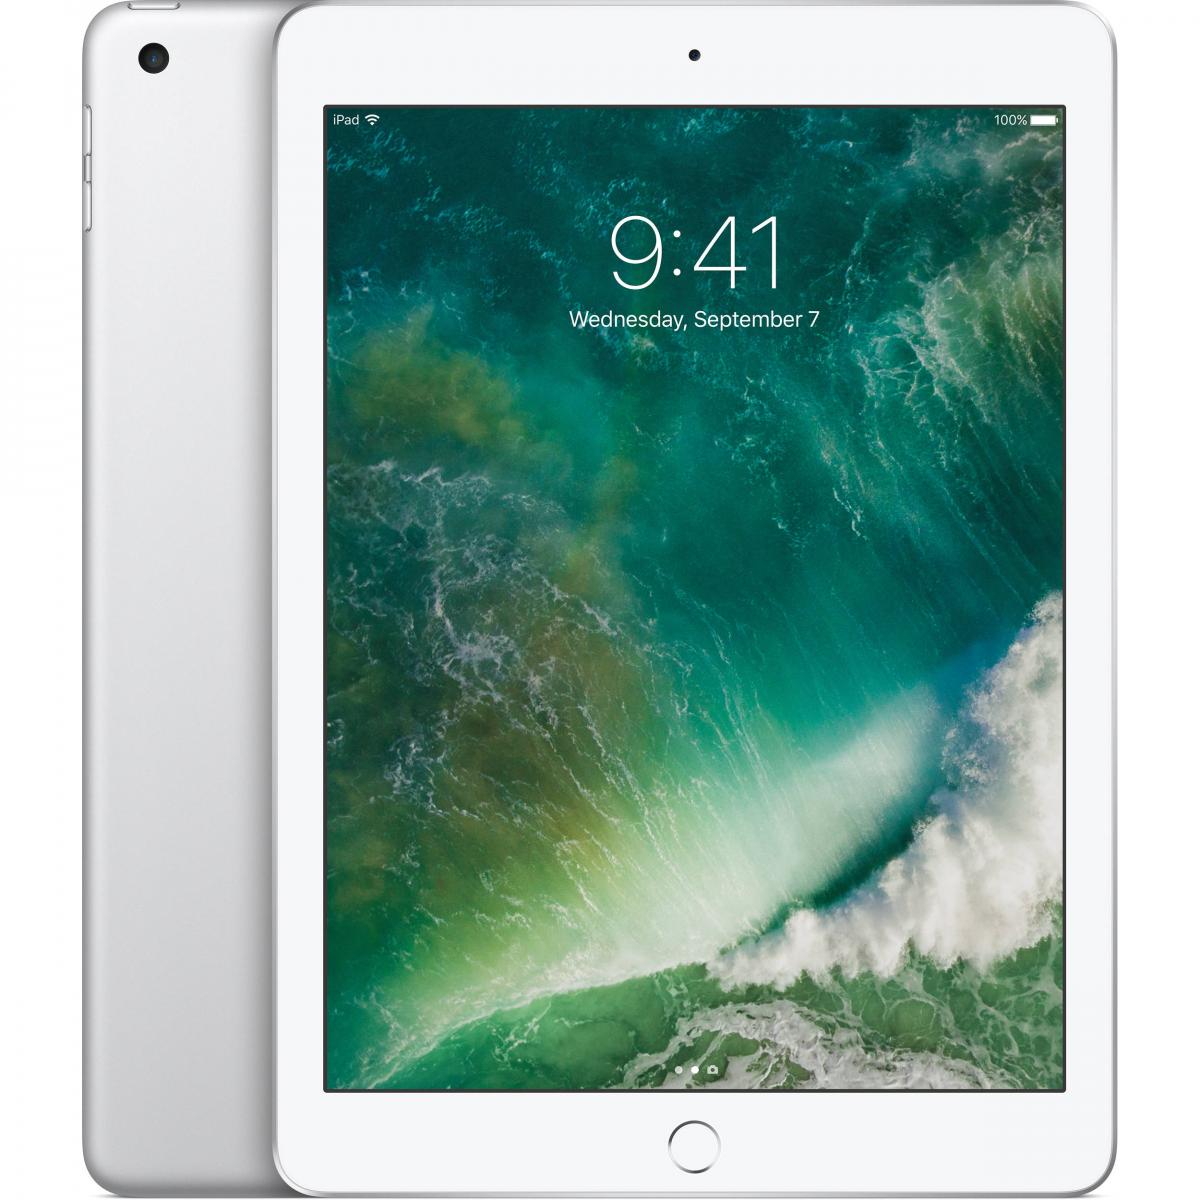 Apple iPad (2017) 128Gb Wi-Fi + Cellular Silver (MP272RU/A)iPad (2017)<br>Apple iPad (2017) 128Gb Wi-Fi + Cellular Silver (MP272RU/A)<br>